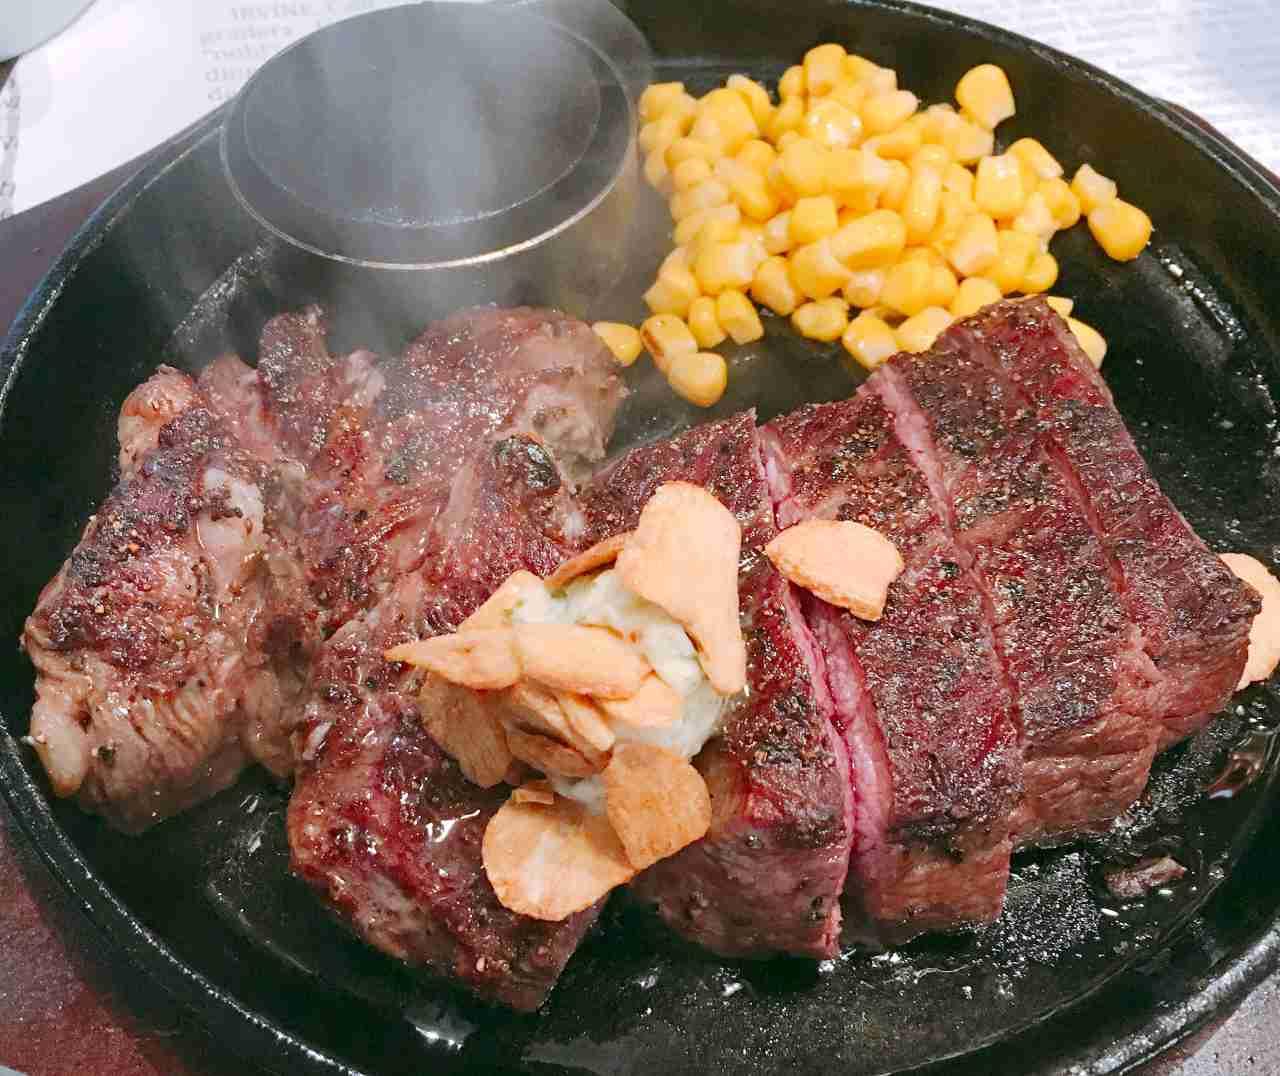 これより美味しそうな夜食飯テロ画像ください